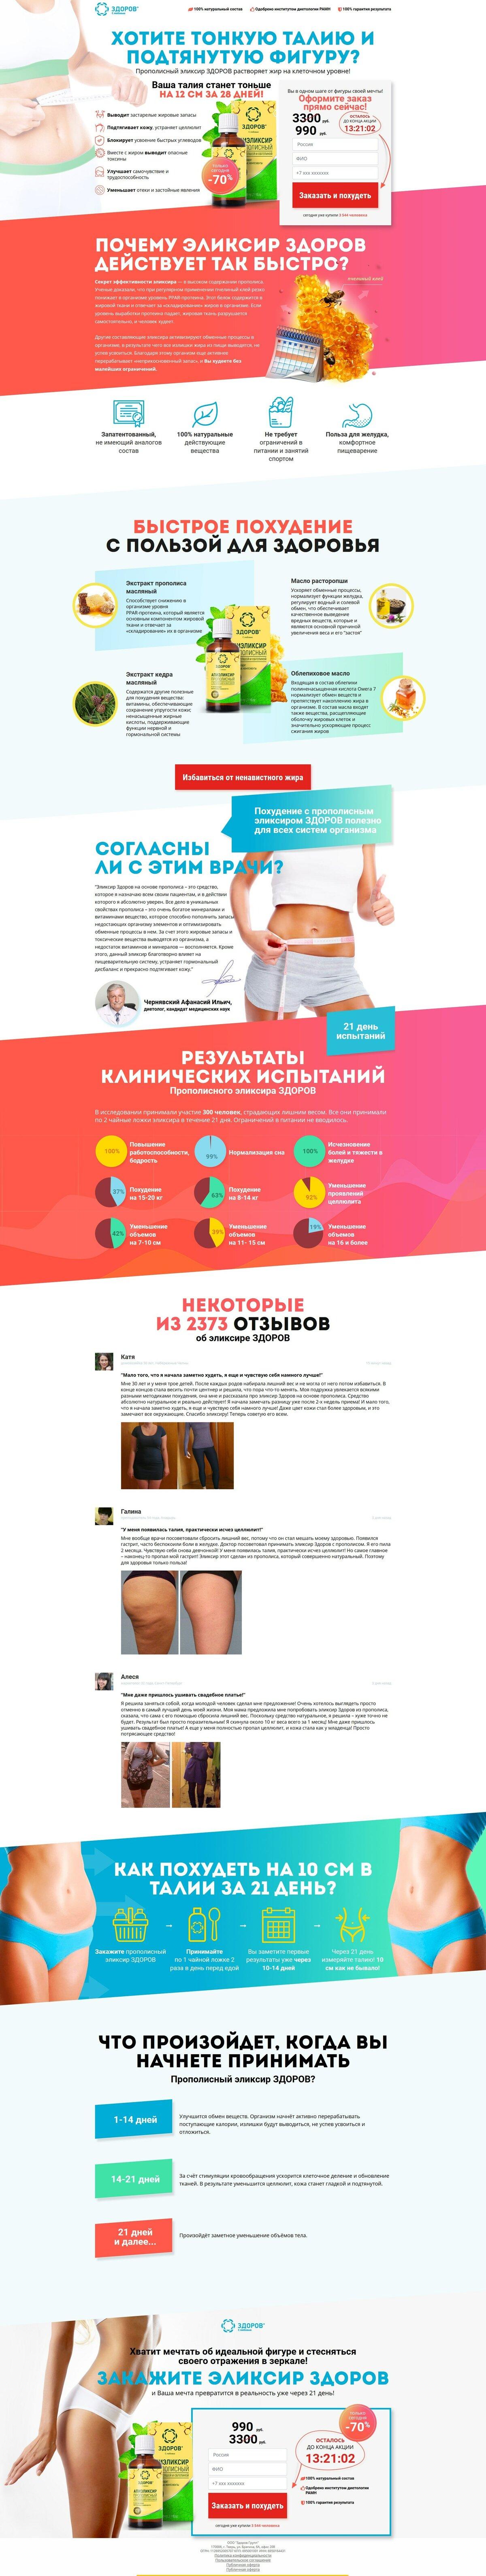 Официальный Сайт В Минске Для Похудения.